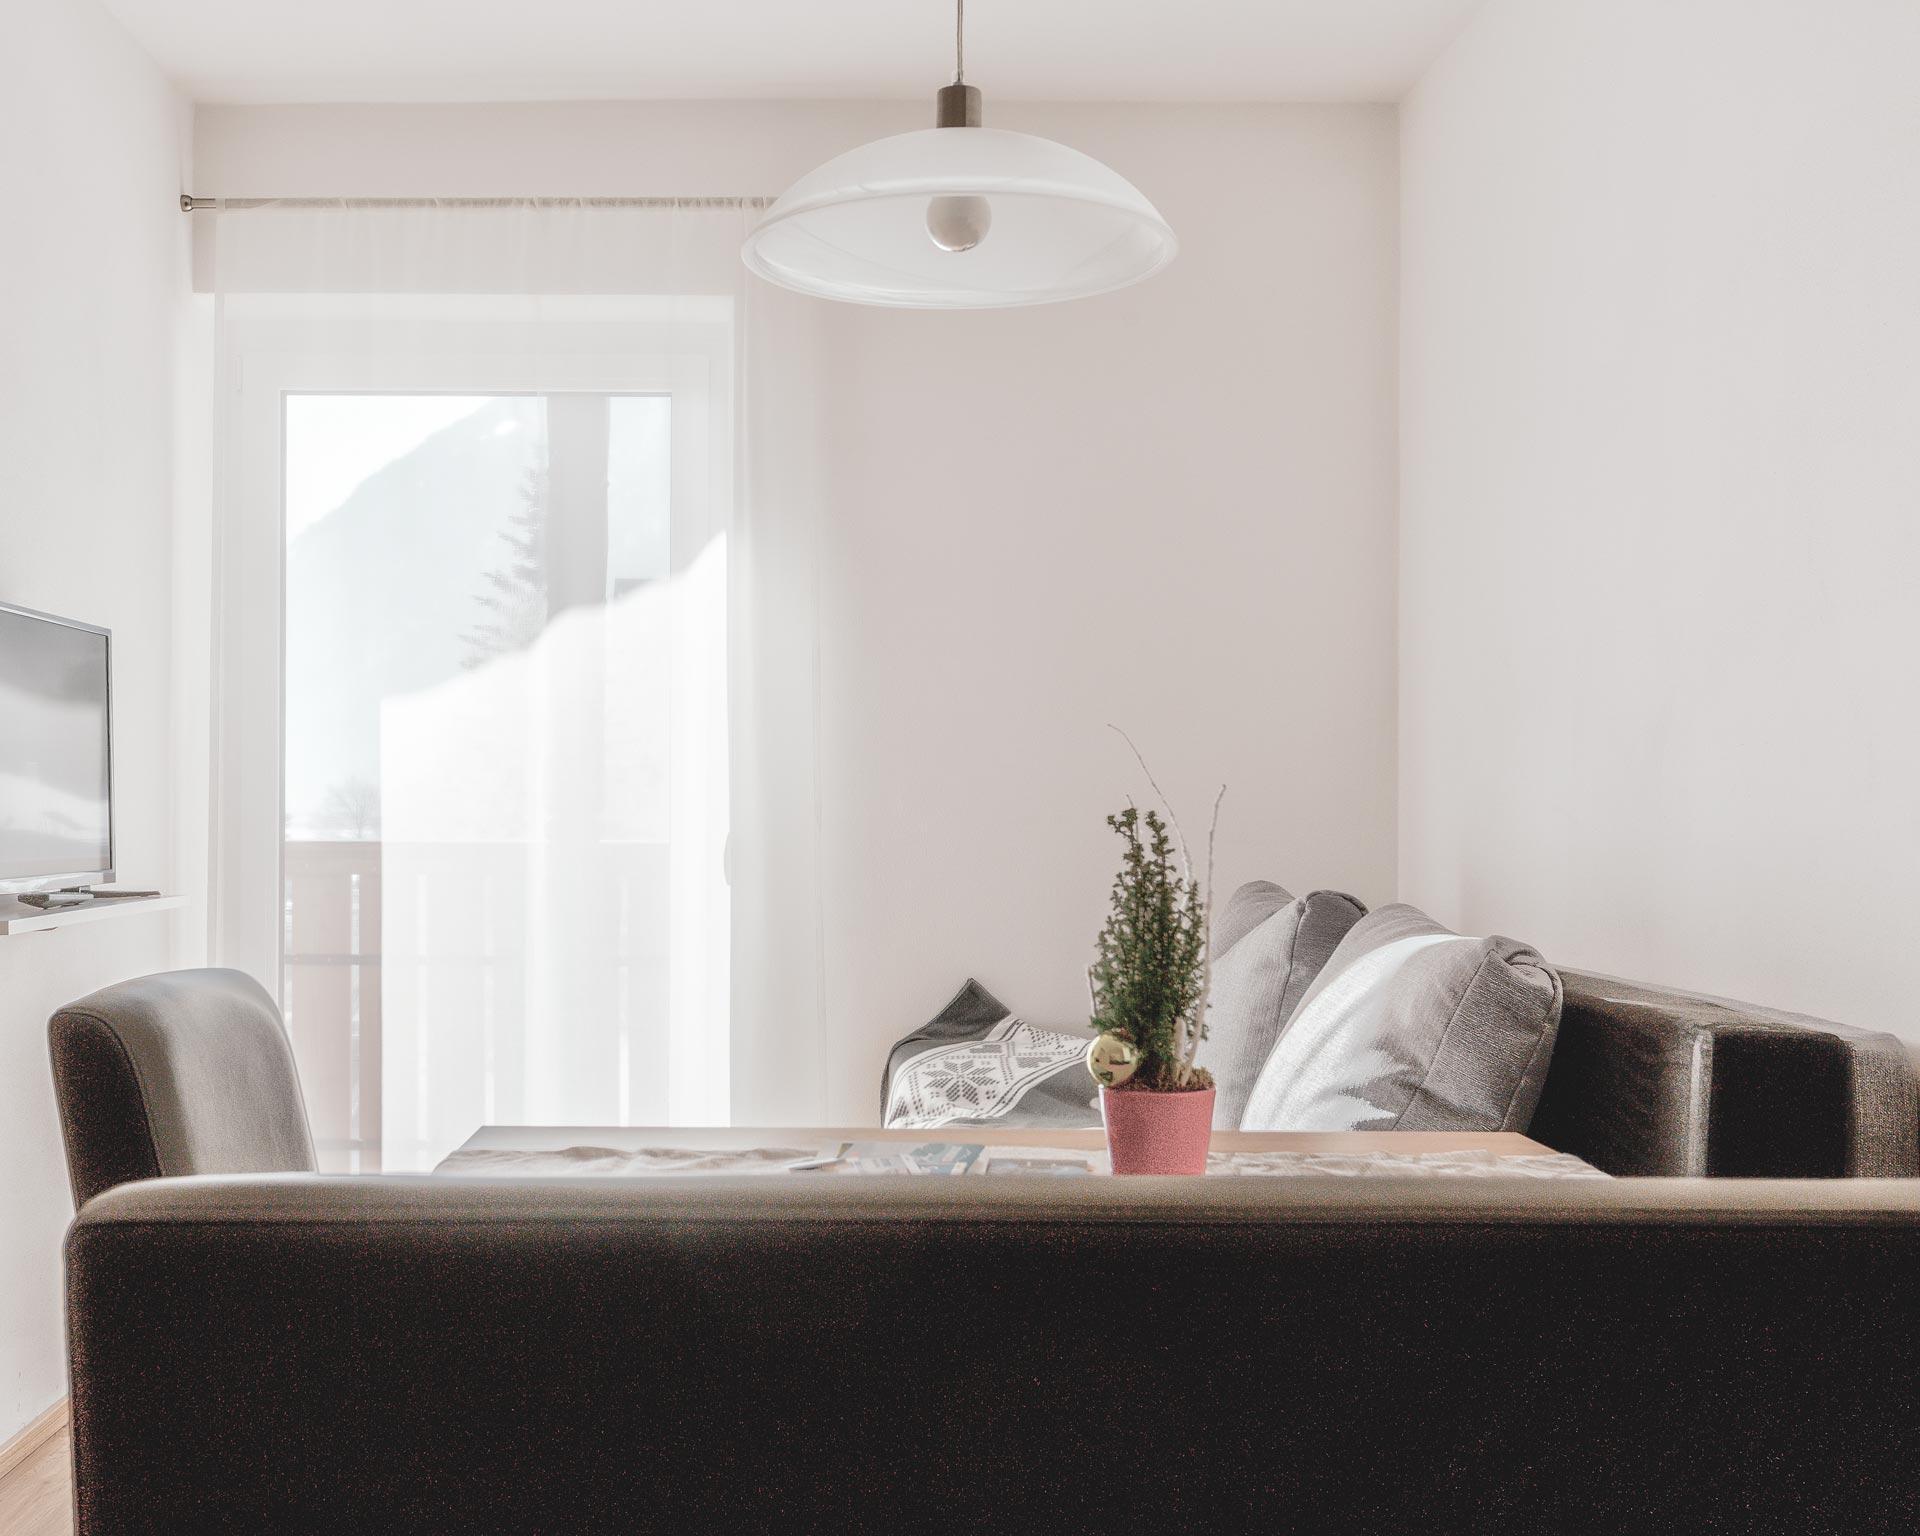 wohnküche apartment kematen pfarrwirt sand in taufers